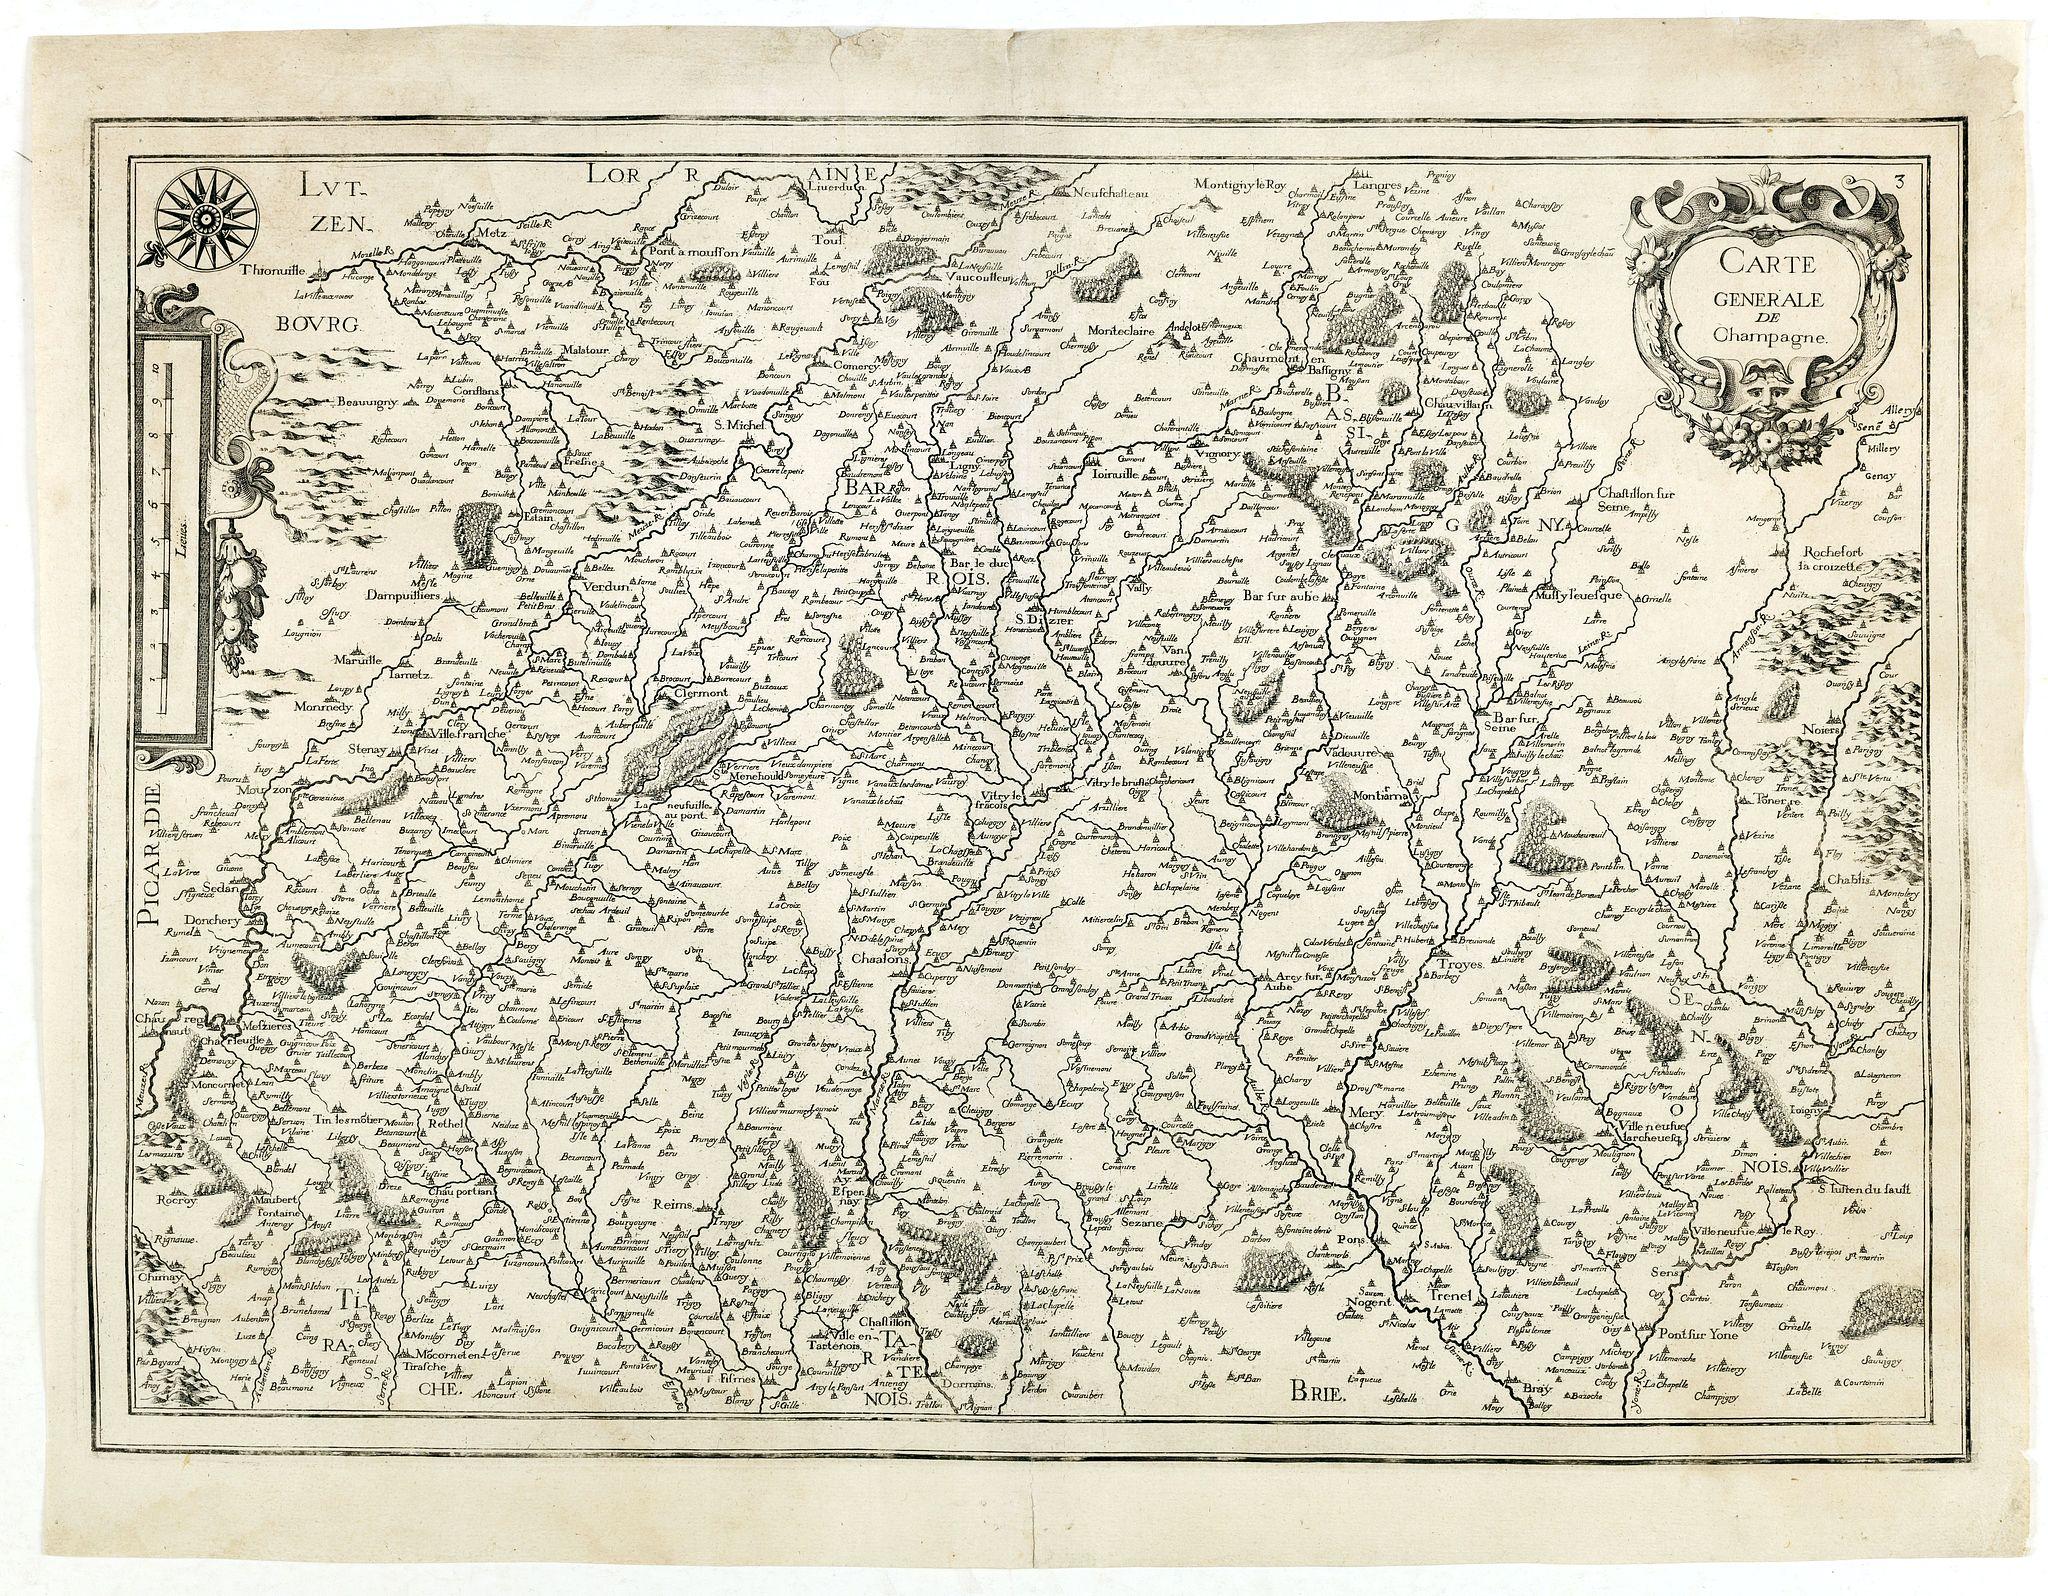 TASSIN, N. -  Carte generale de Champagne.